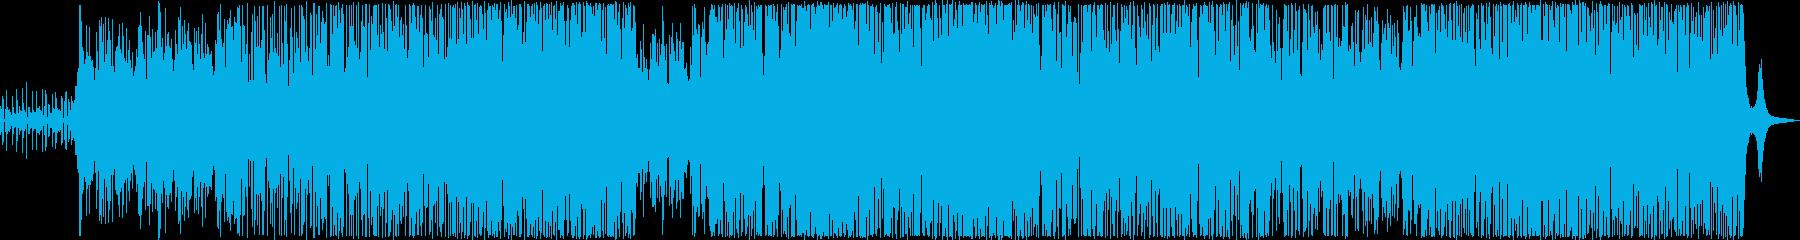 動画 アクション 環境 説明的 ポ...の再生済みの波形